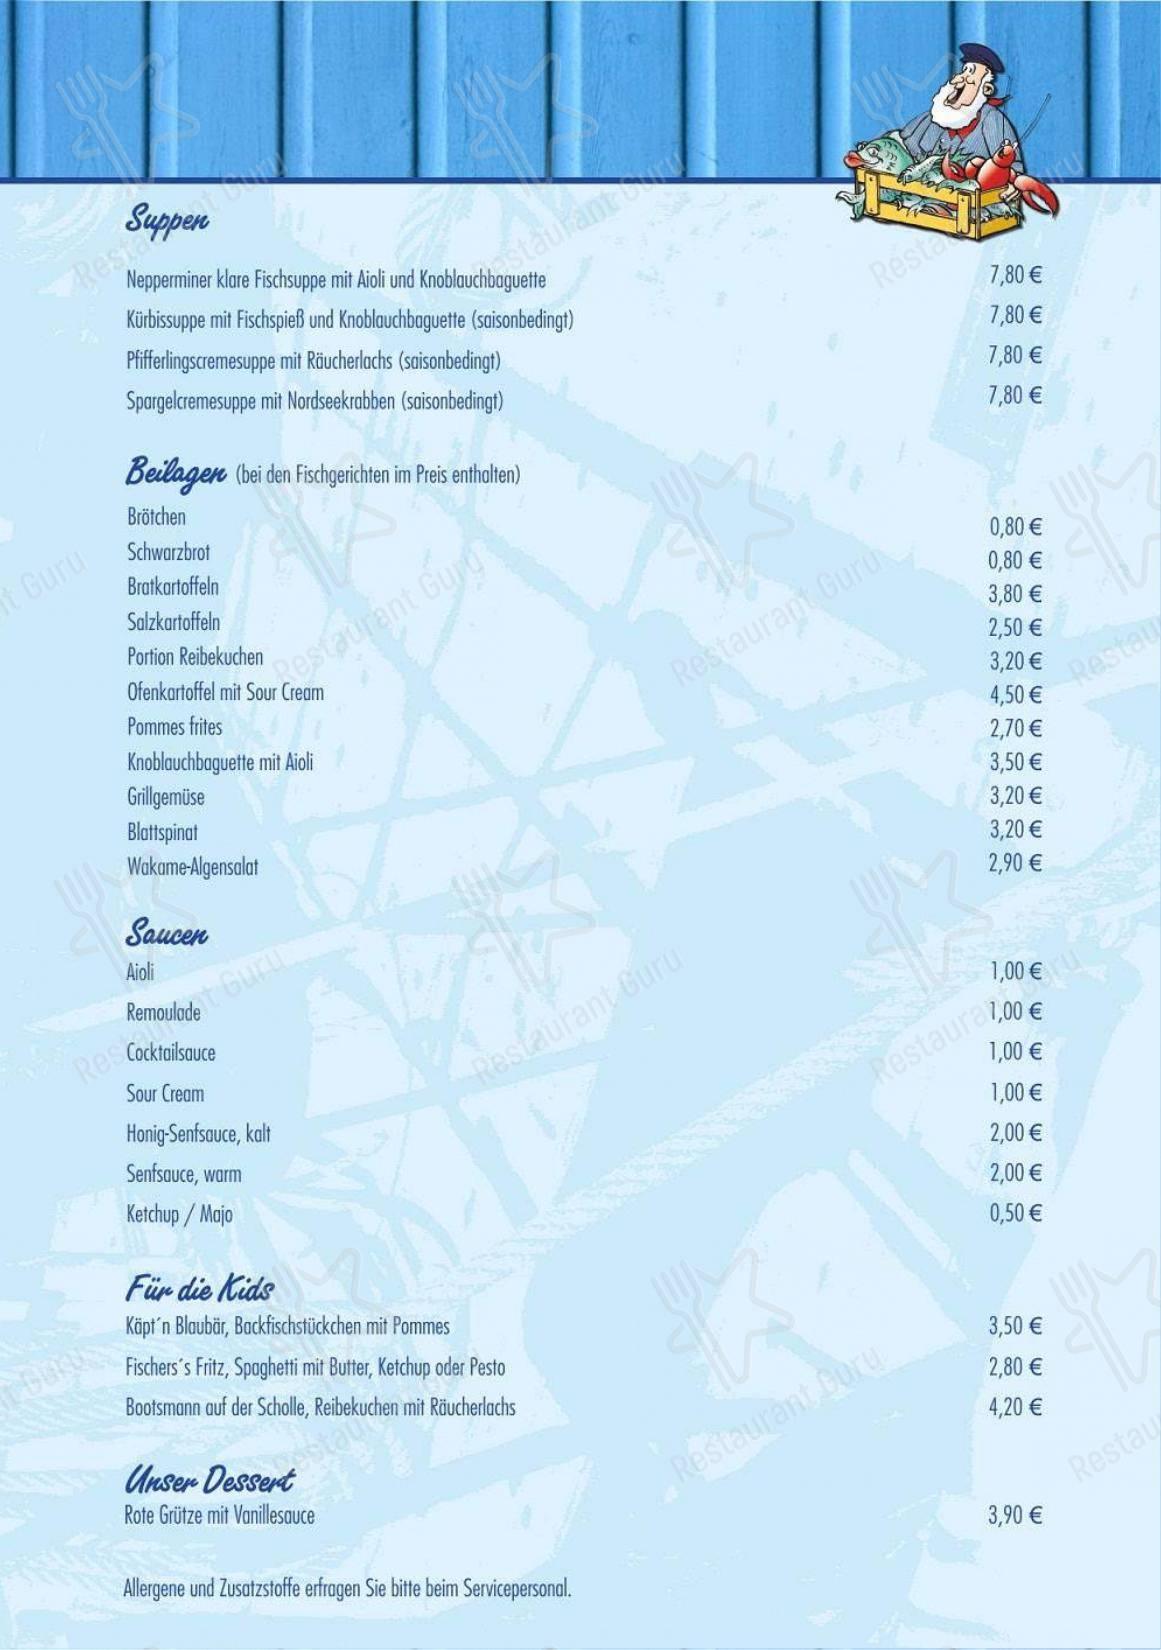 Carta de Nepperminer Fischpalast - platos y bebidas